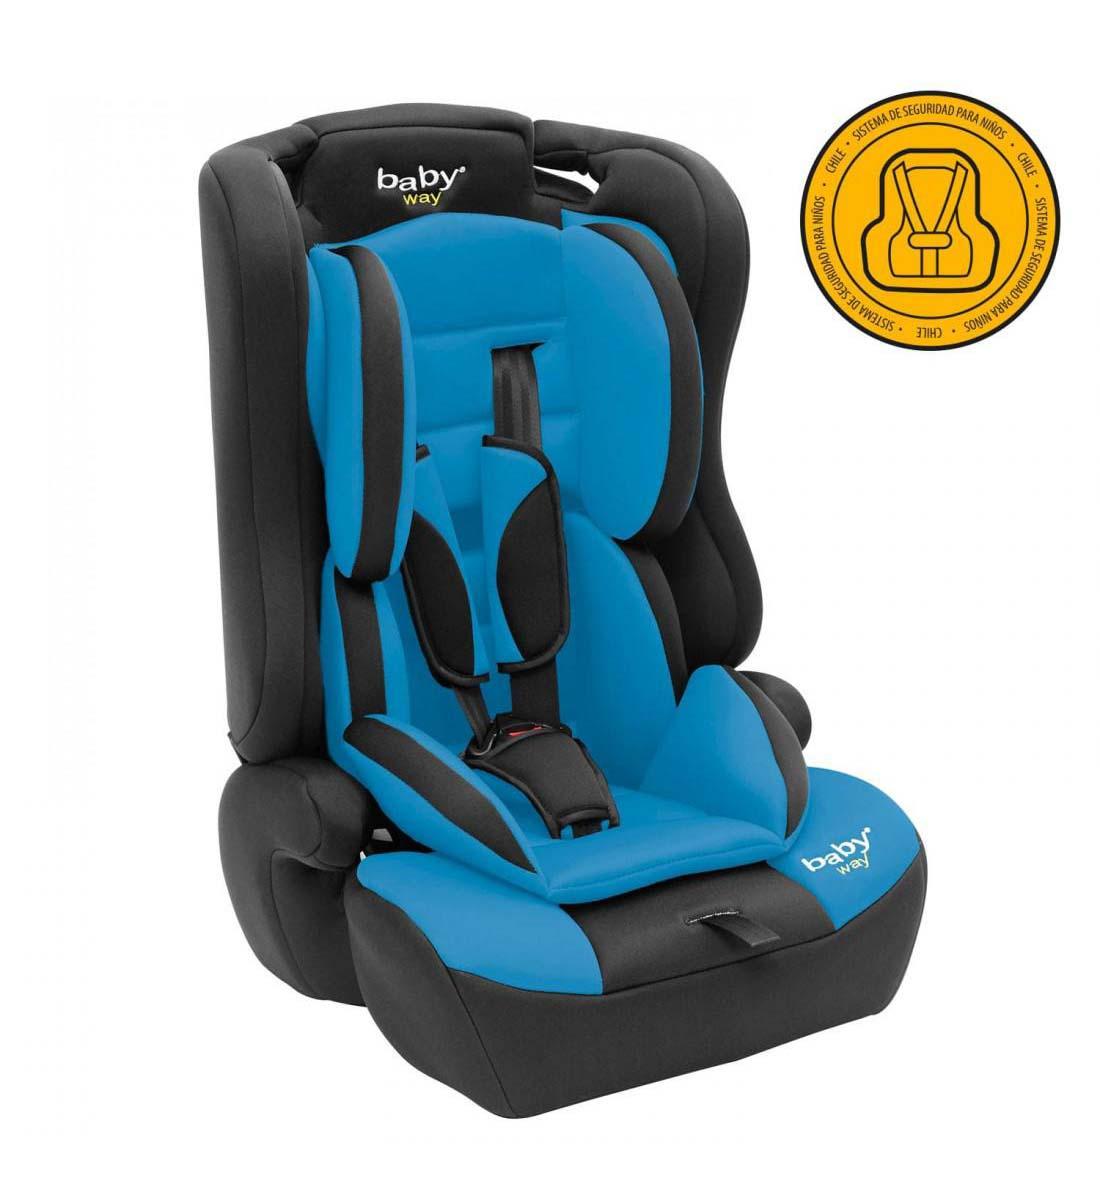 Silla De Auto Convertible Baby Way Azul Bw-746B18